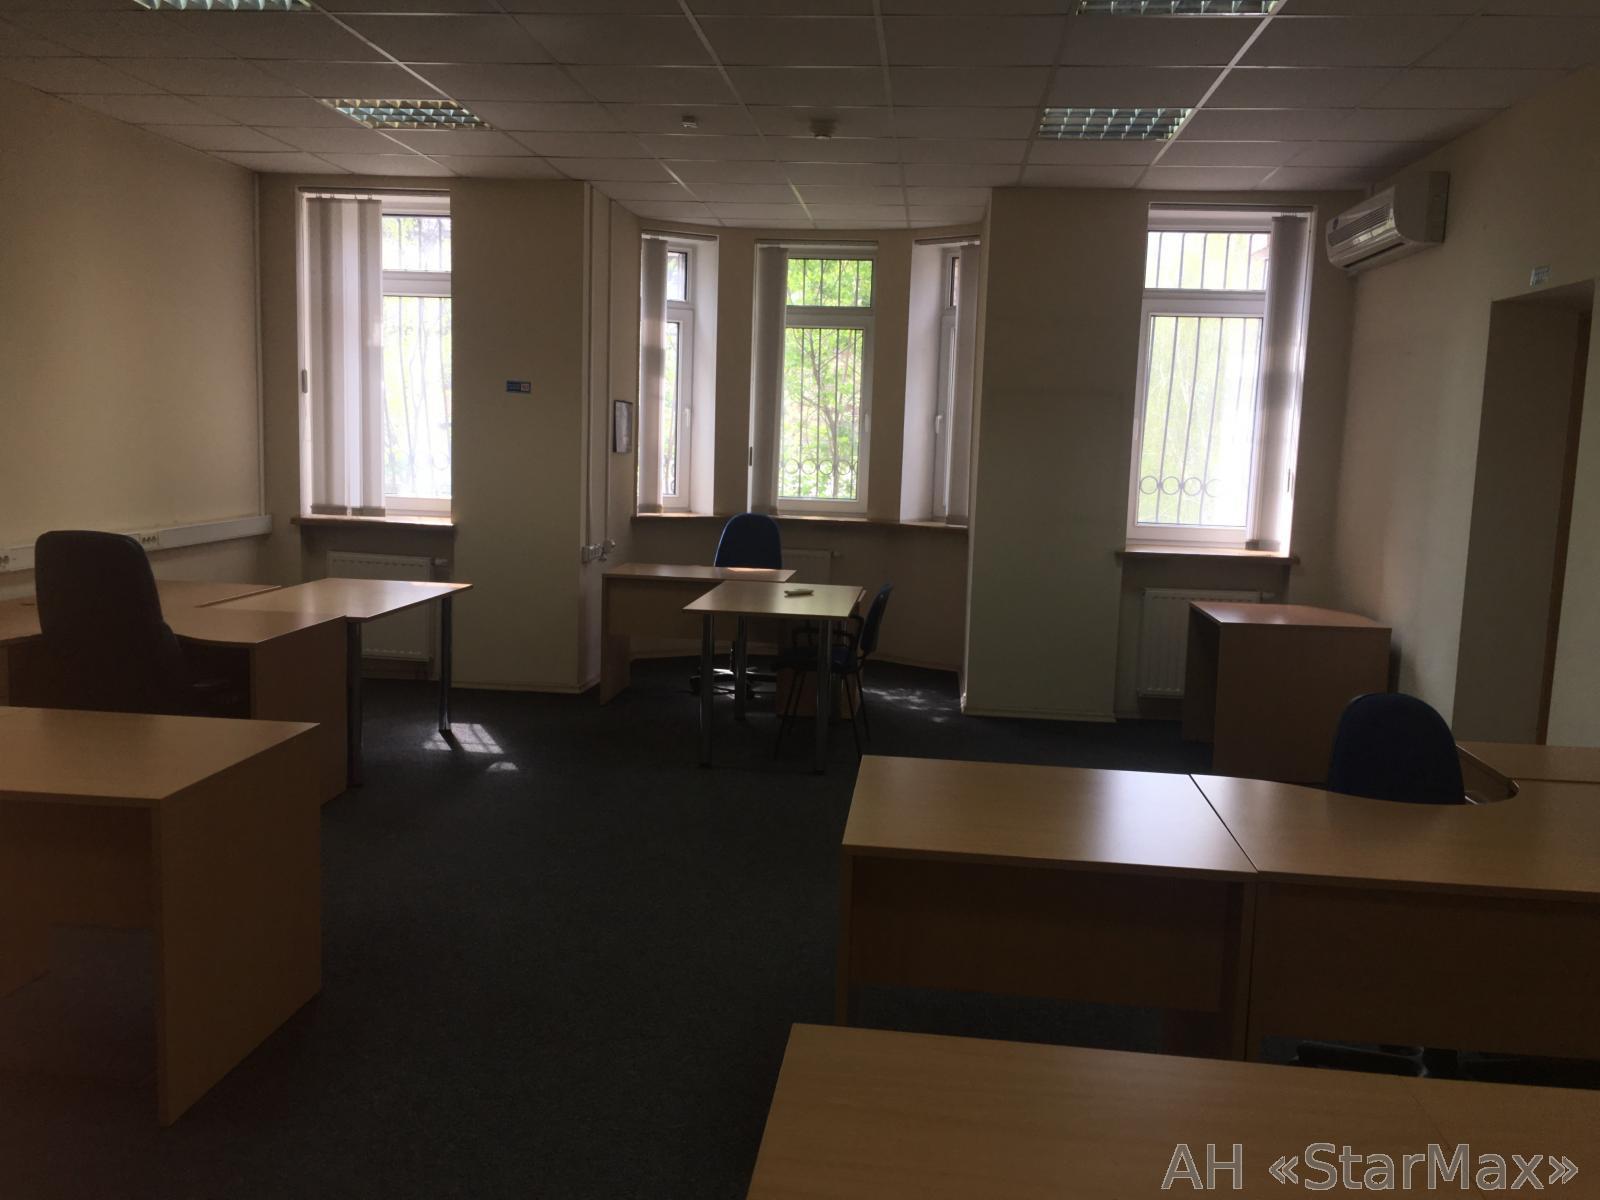 Сдам офис в многоквартирном доме Киев, Кудрявская ул. 5